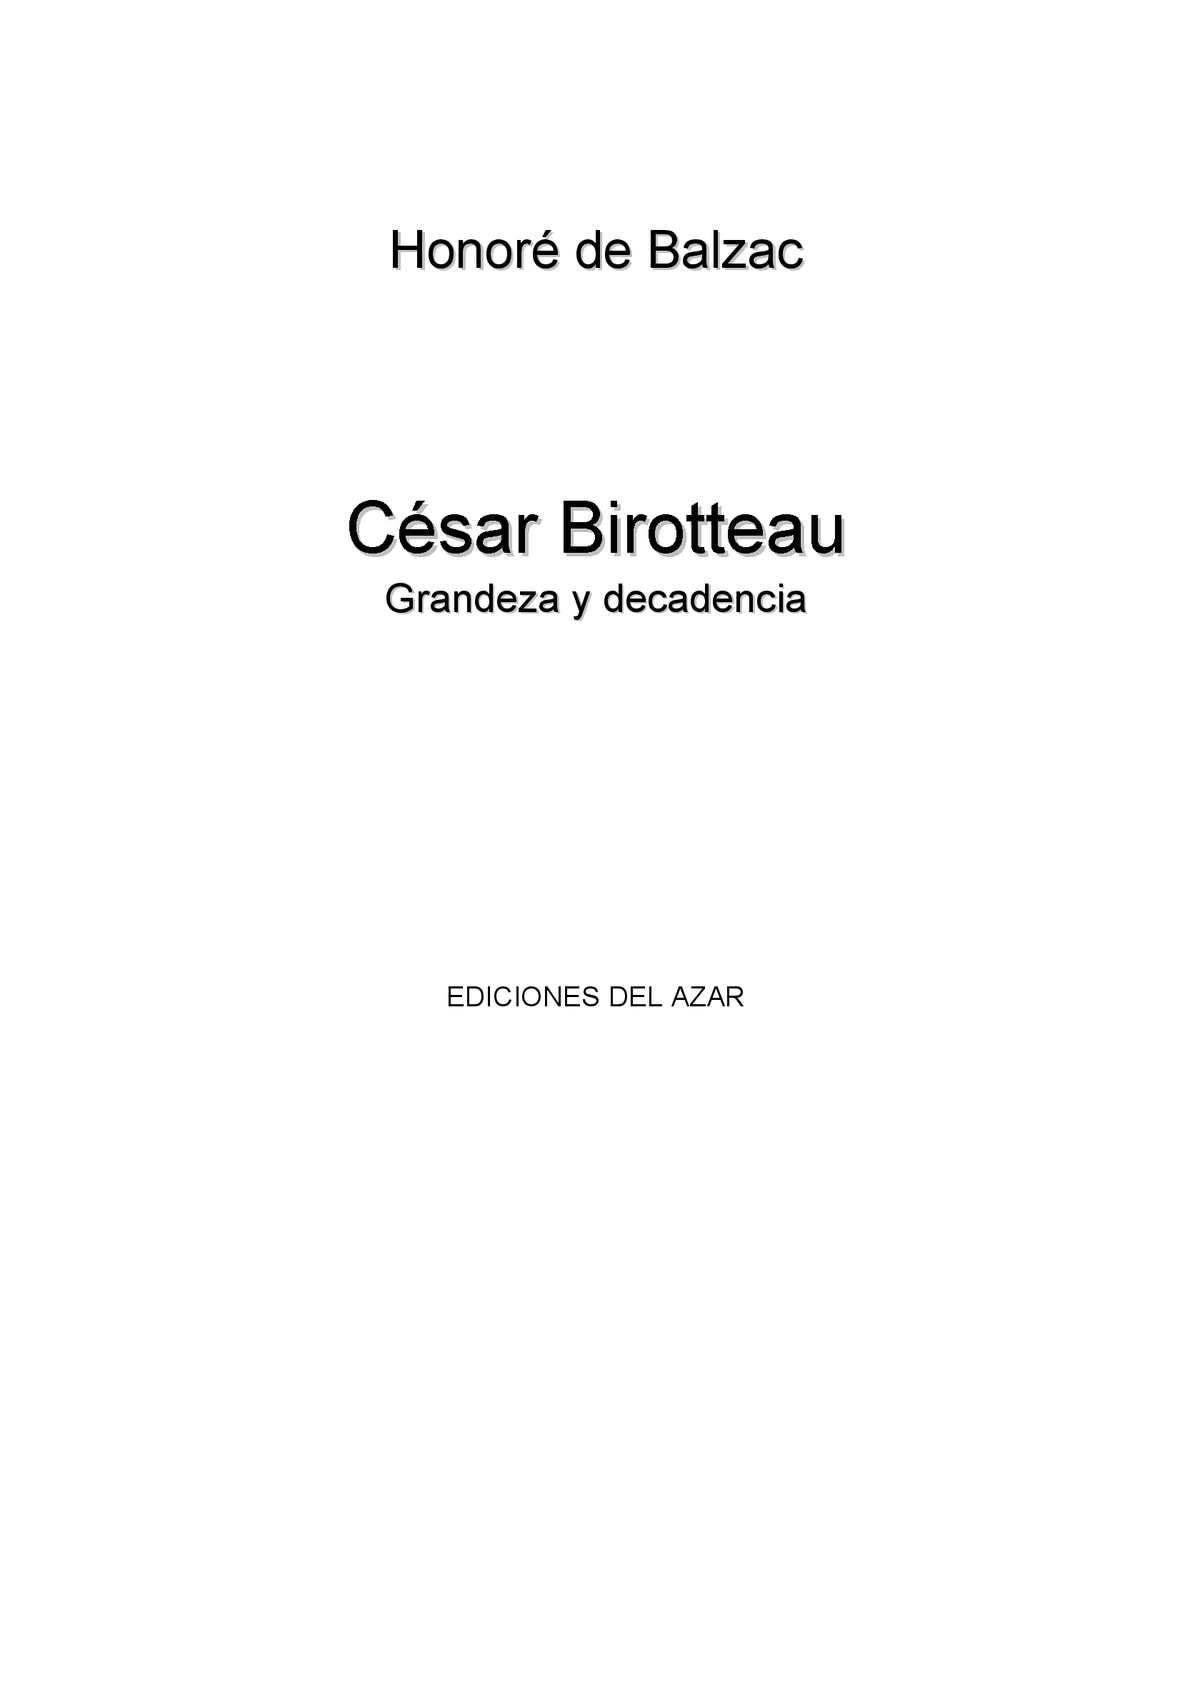 Calaméo - Honoré de Balzac: César Birotteau: grandeza y decadencia